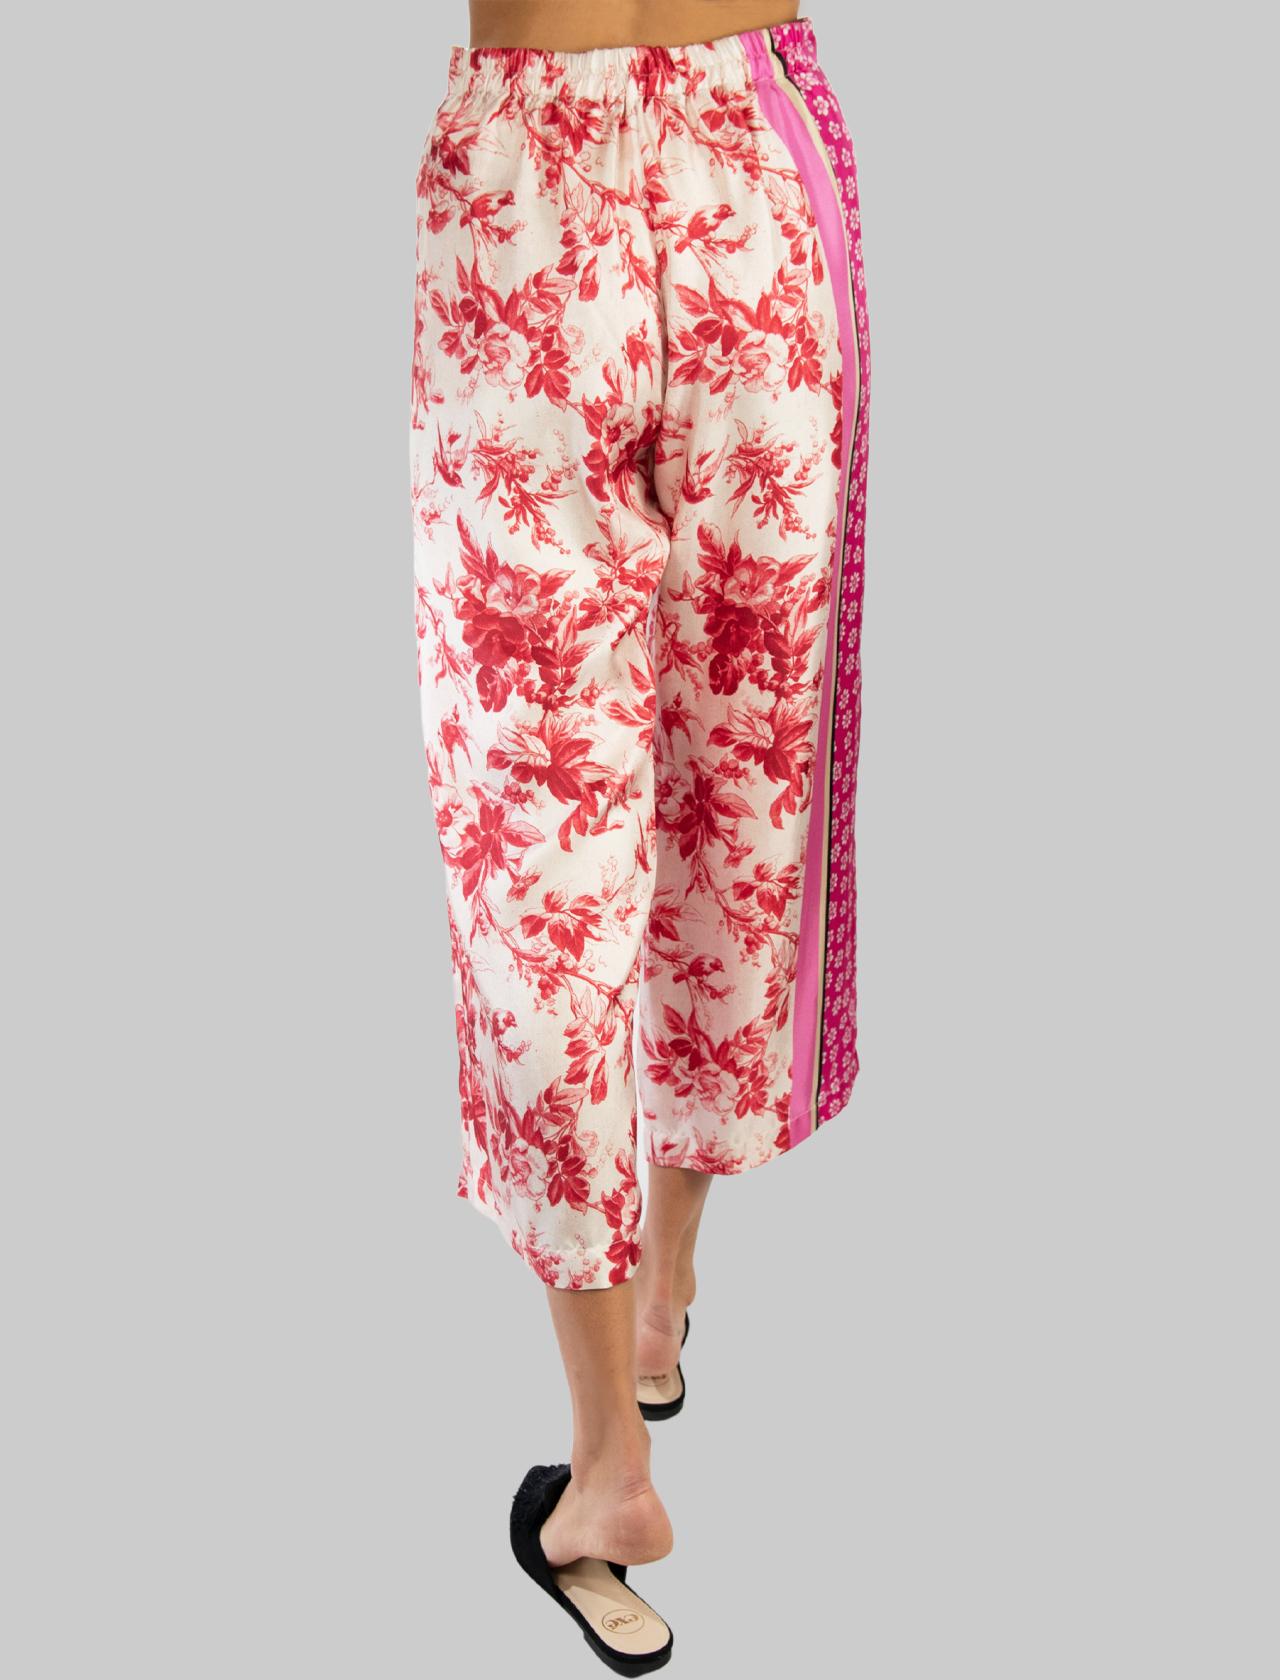 Abbigliamento Donna Pantalone Fantasia Collection Print in Pura Seta Rosa e Rosso Maliparmi | Gonne e Pantaloni | JH720030091B3242